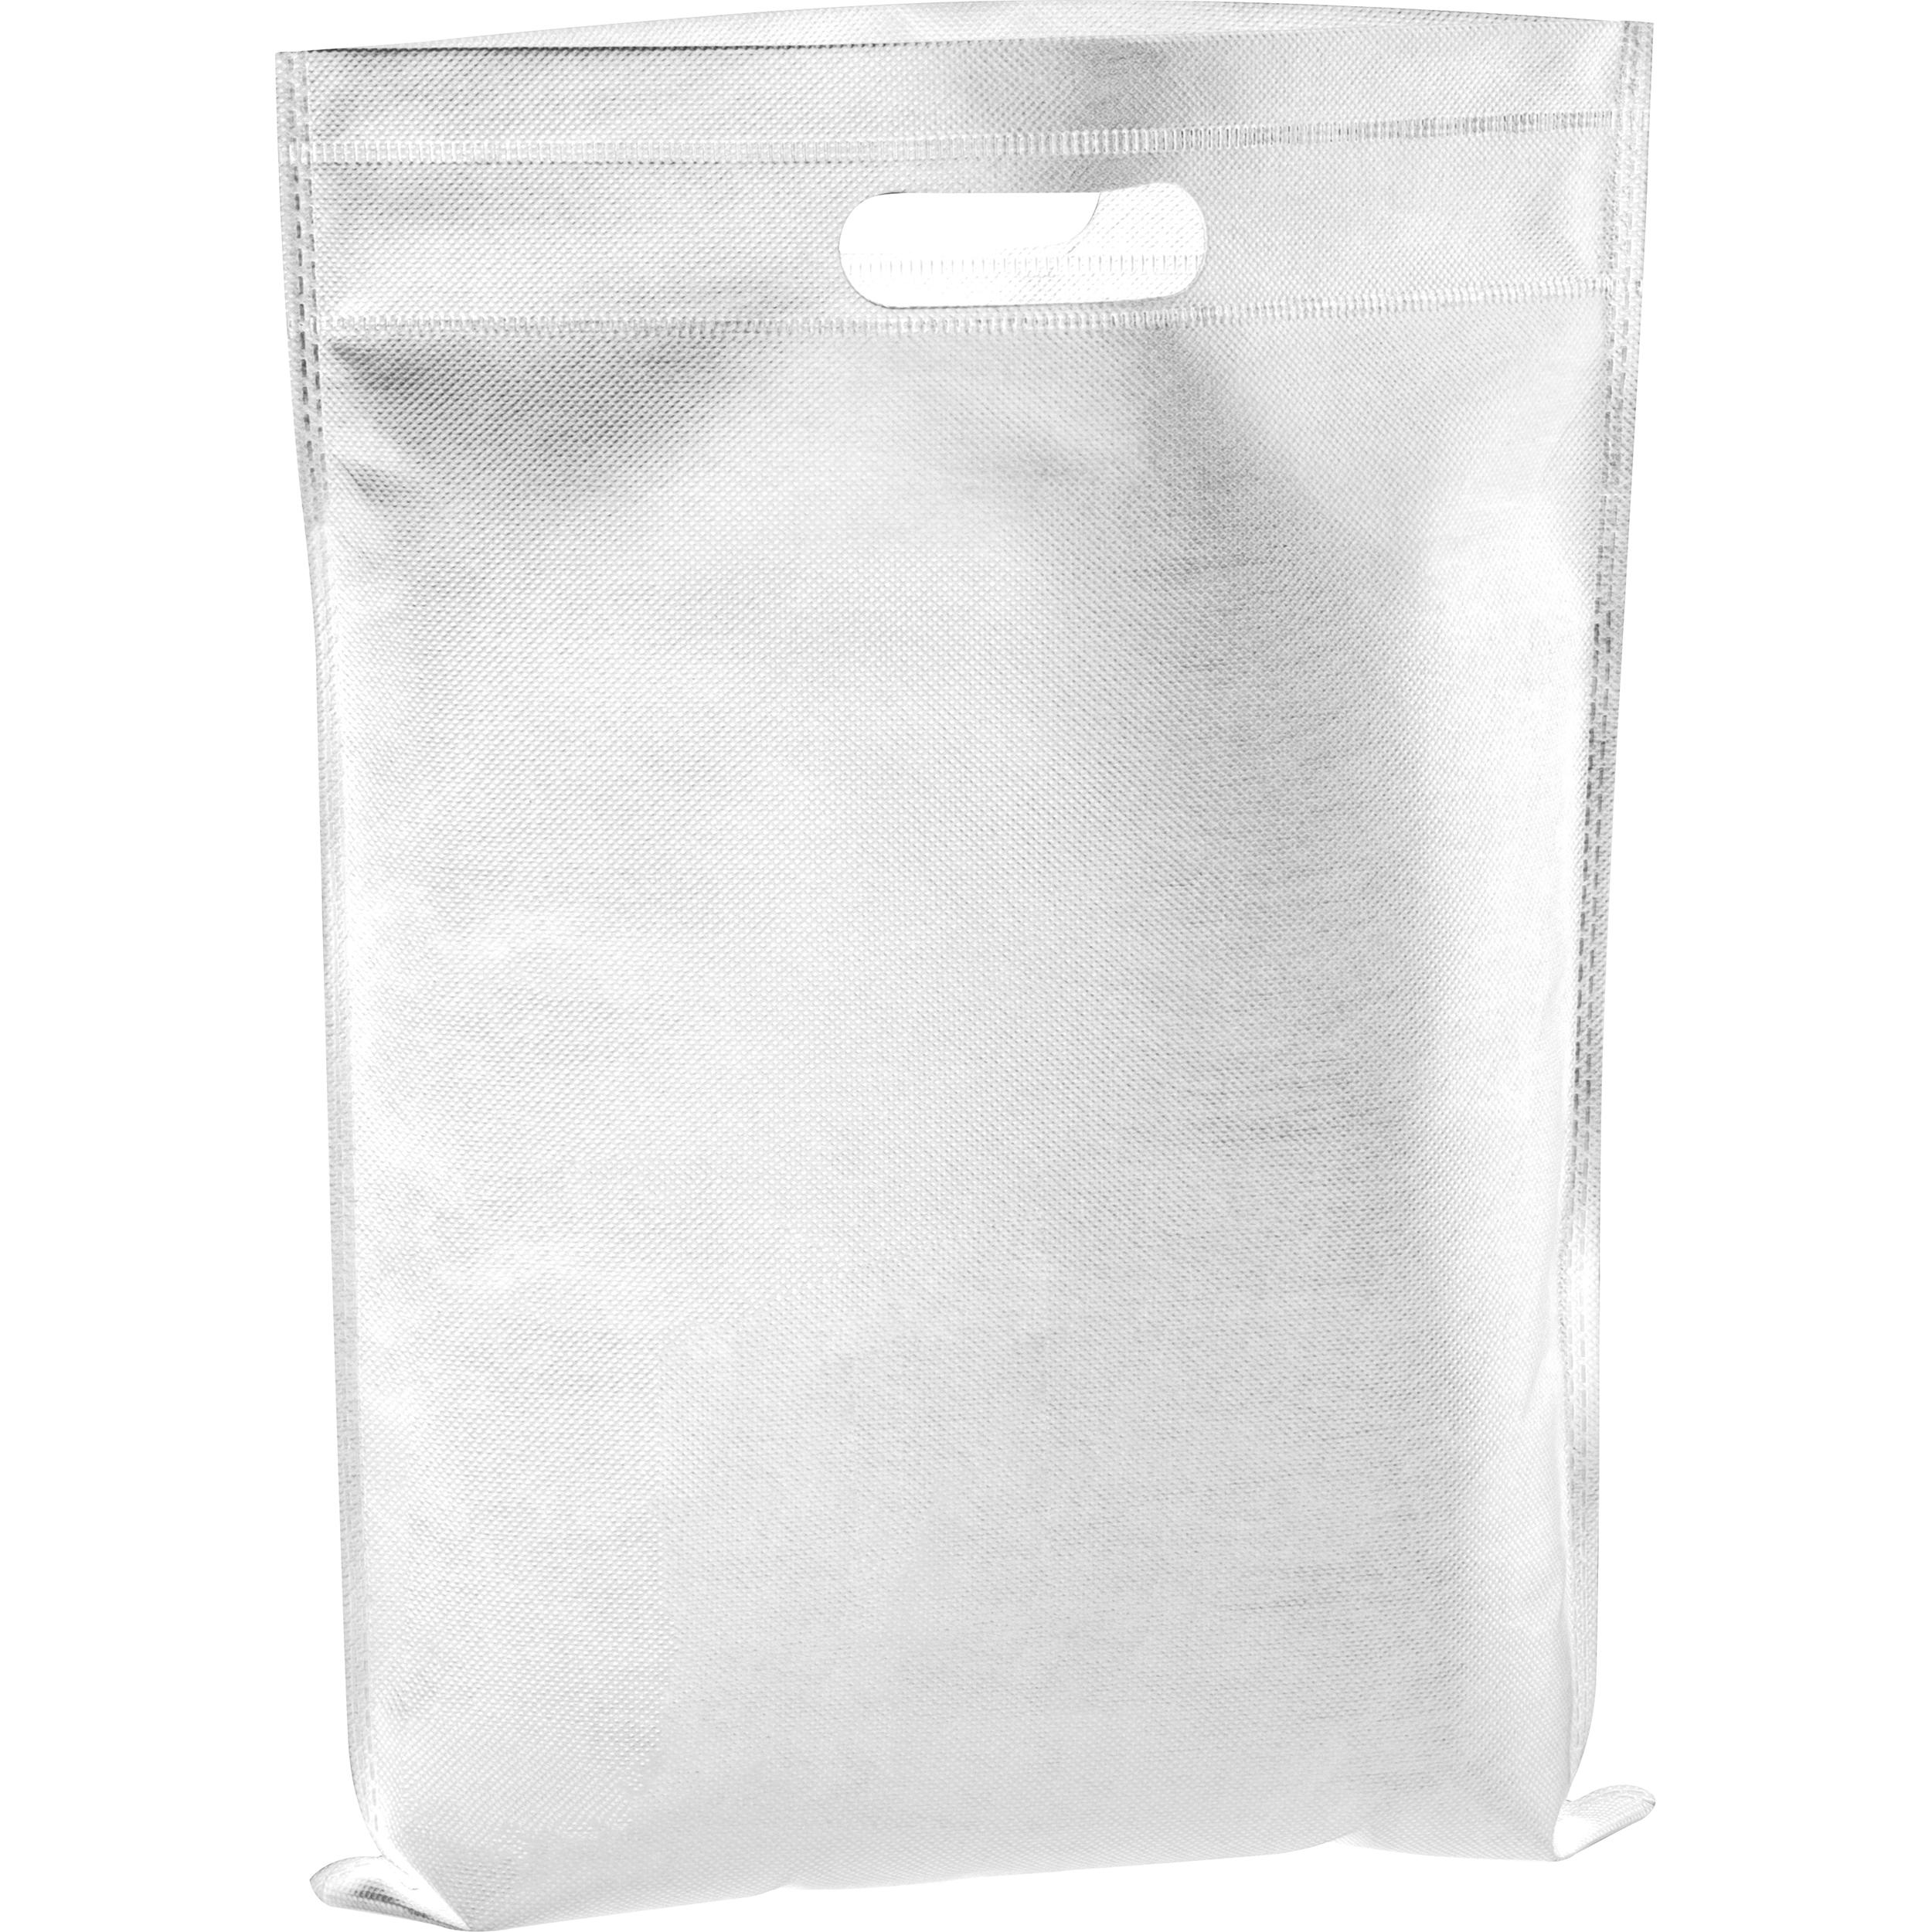 Non-woven conference bag